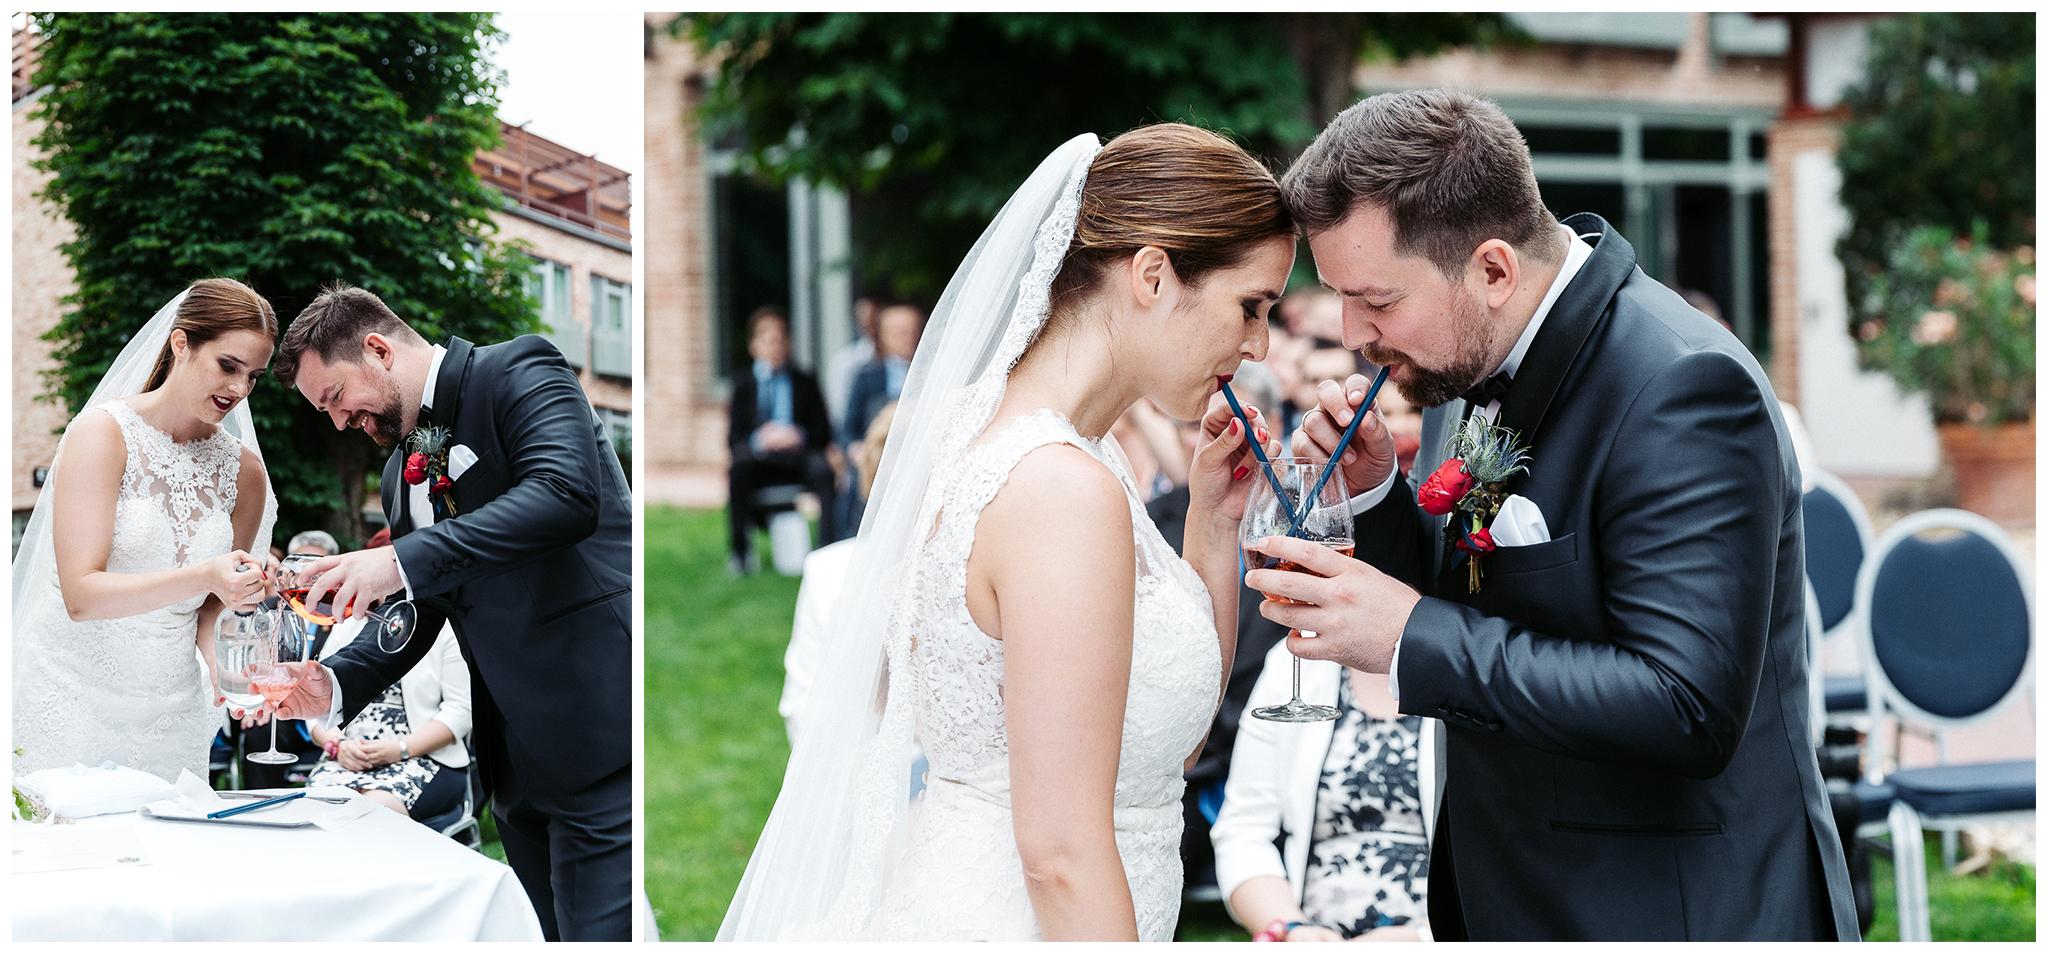 MONT_FylepPhoto, Esküvőfotós Vasmegye, Esküvő fotózás, Esküvői fotós, Körmend, Vas megye, Dunántúl, Budapest, Fülöp Péter, Jegyes fotózás, jegyes, kreatív, kreatívfotózás,Wien,Ausztira,Österreich,hochzeitsfotograf_V&M_041.jpg